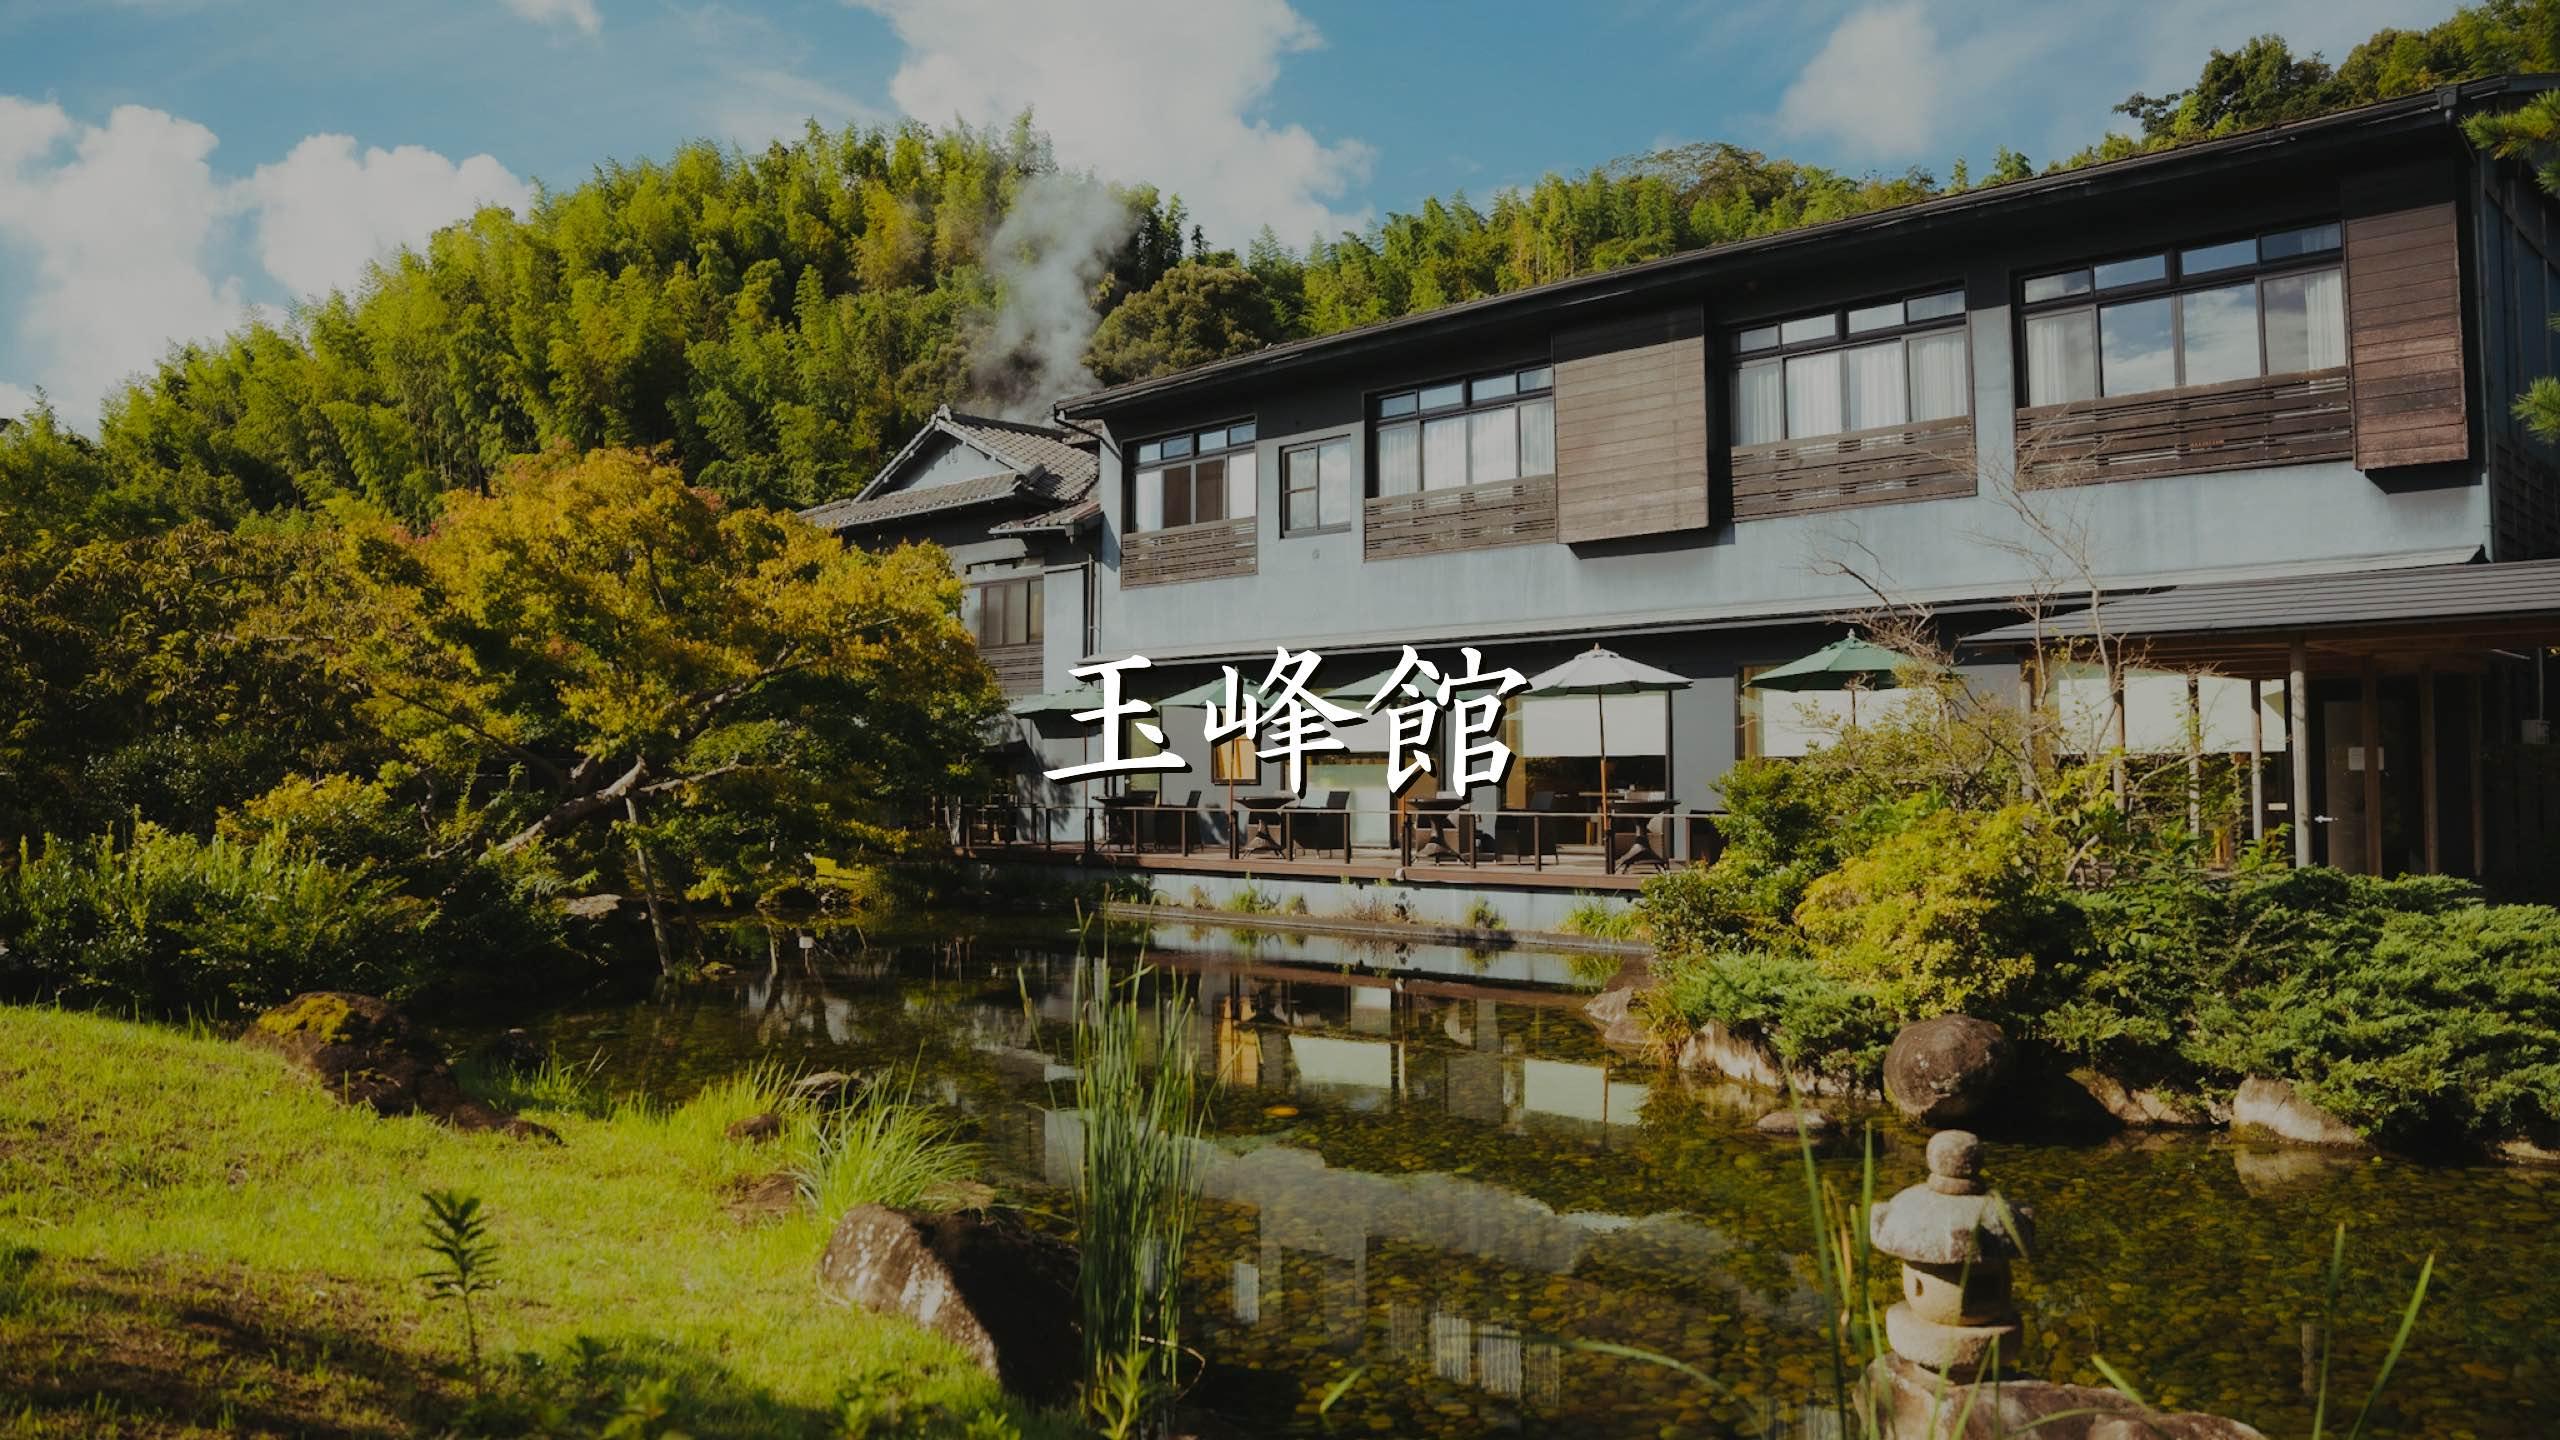 【写真で振り返る伊豆&熱海旅行】旅の宿「玉峰館」で過ごす格別な時間